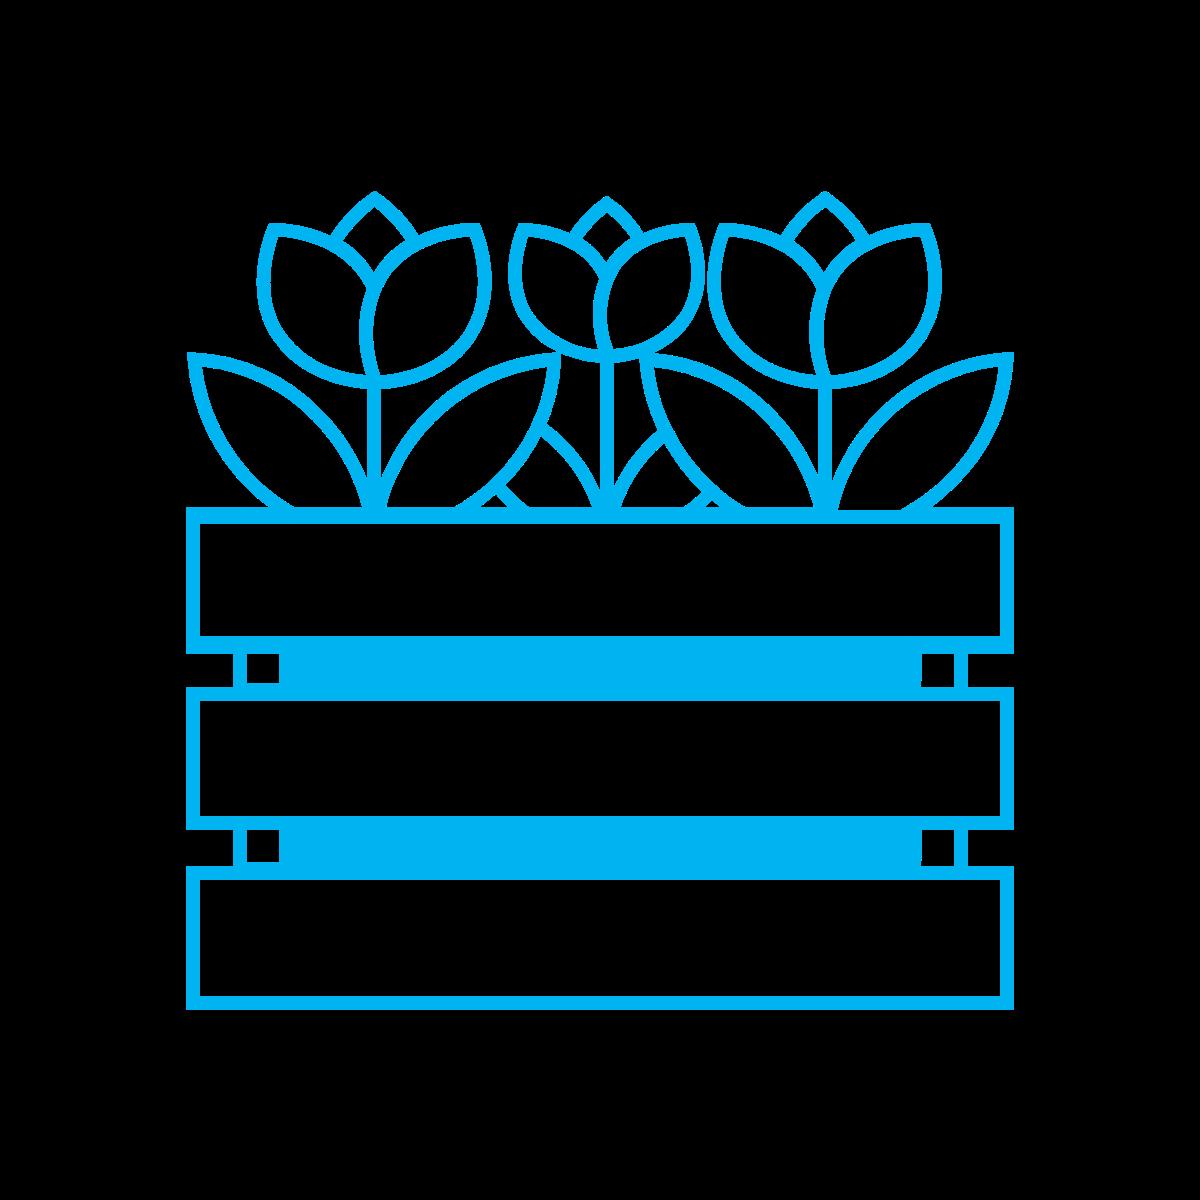 icon-garden